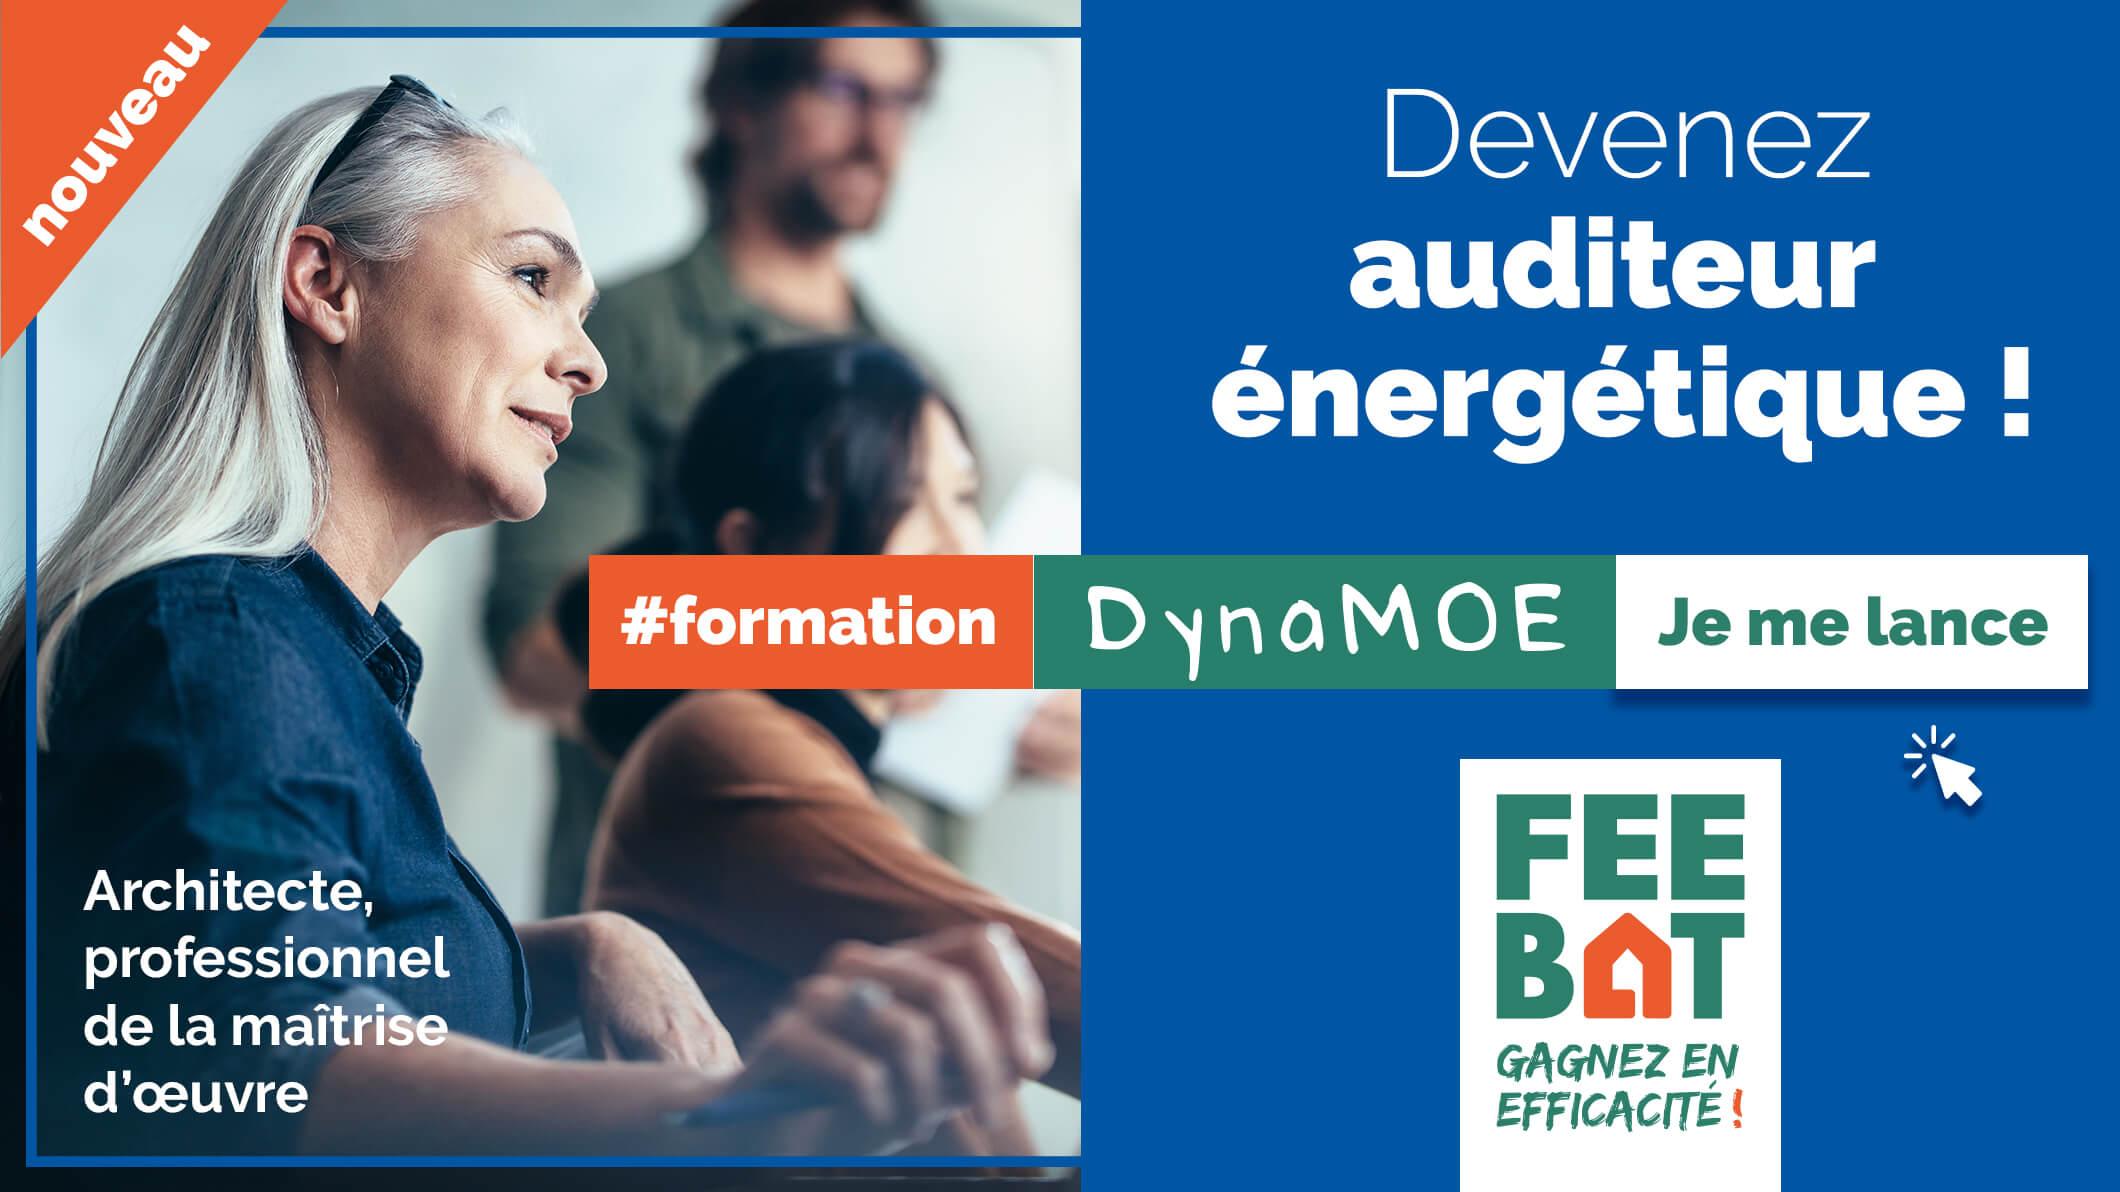 Nouveau : architectes, professionnels de la maîtrise d'œuvre, devenez auditeur énergétique ! #formation DynaMOE, je me lance